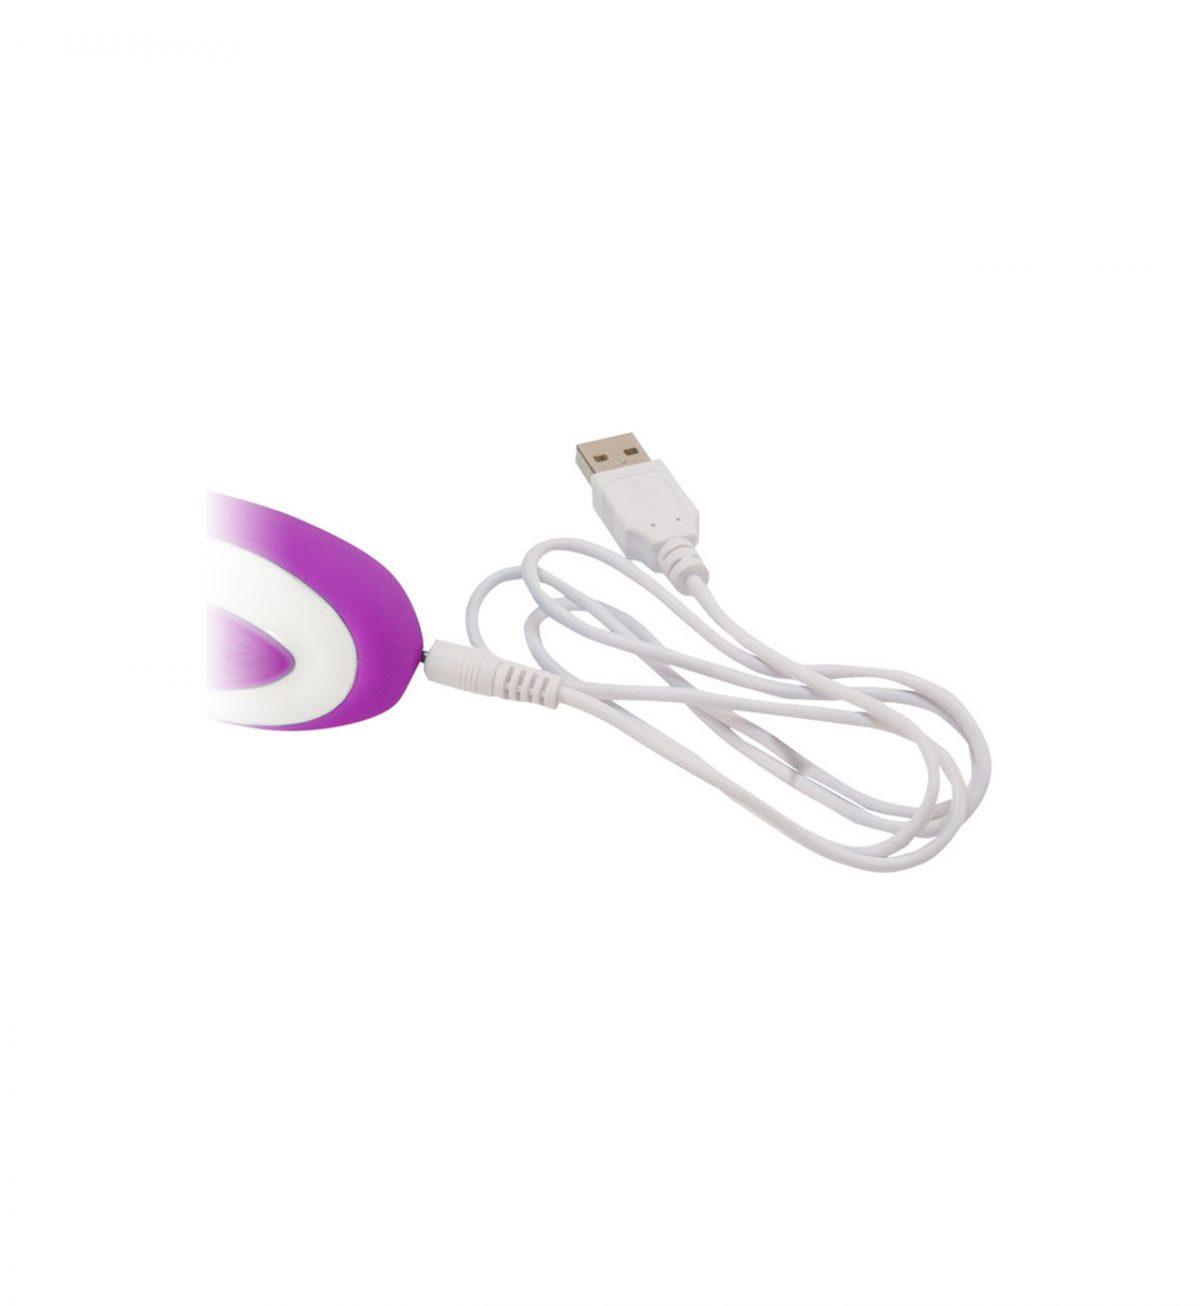 Harmony, Purple - Stimulering for både klitoris og g-punkt - Wonderlust